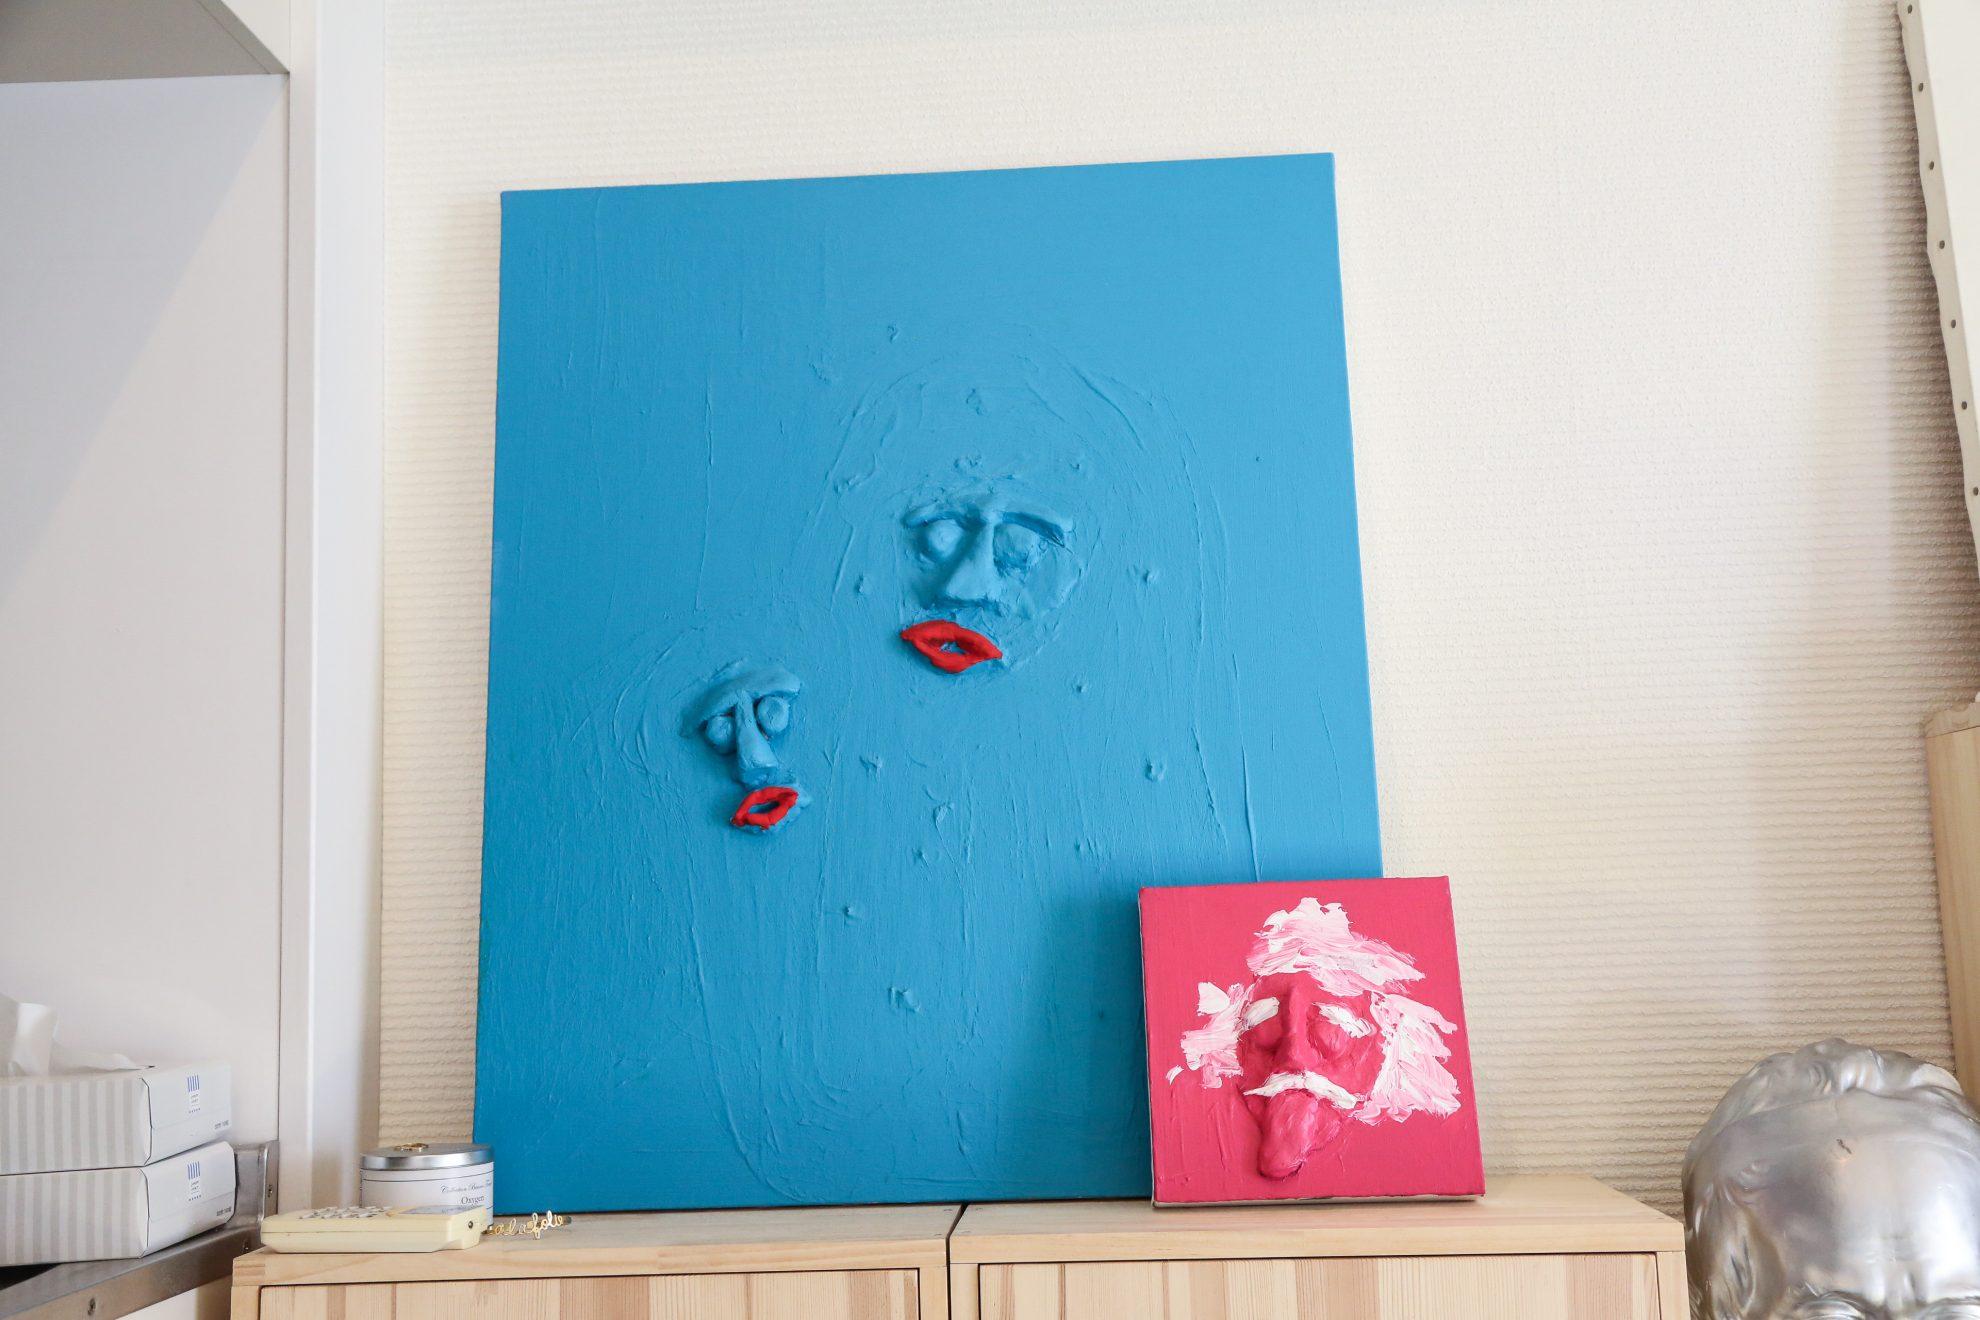 粘土とアクリル絵の具で制作された作品。ブルーの作品は自身と息子さん。